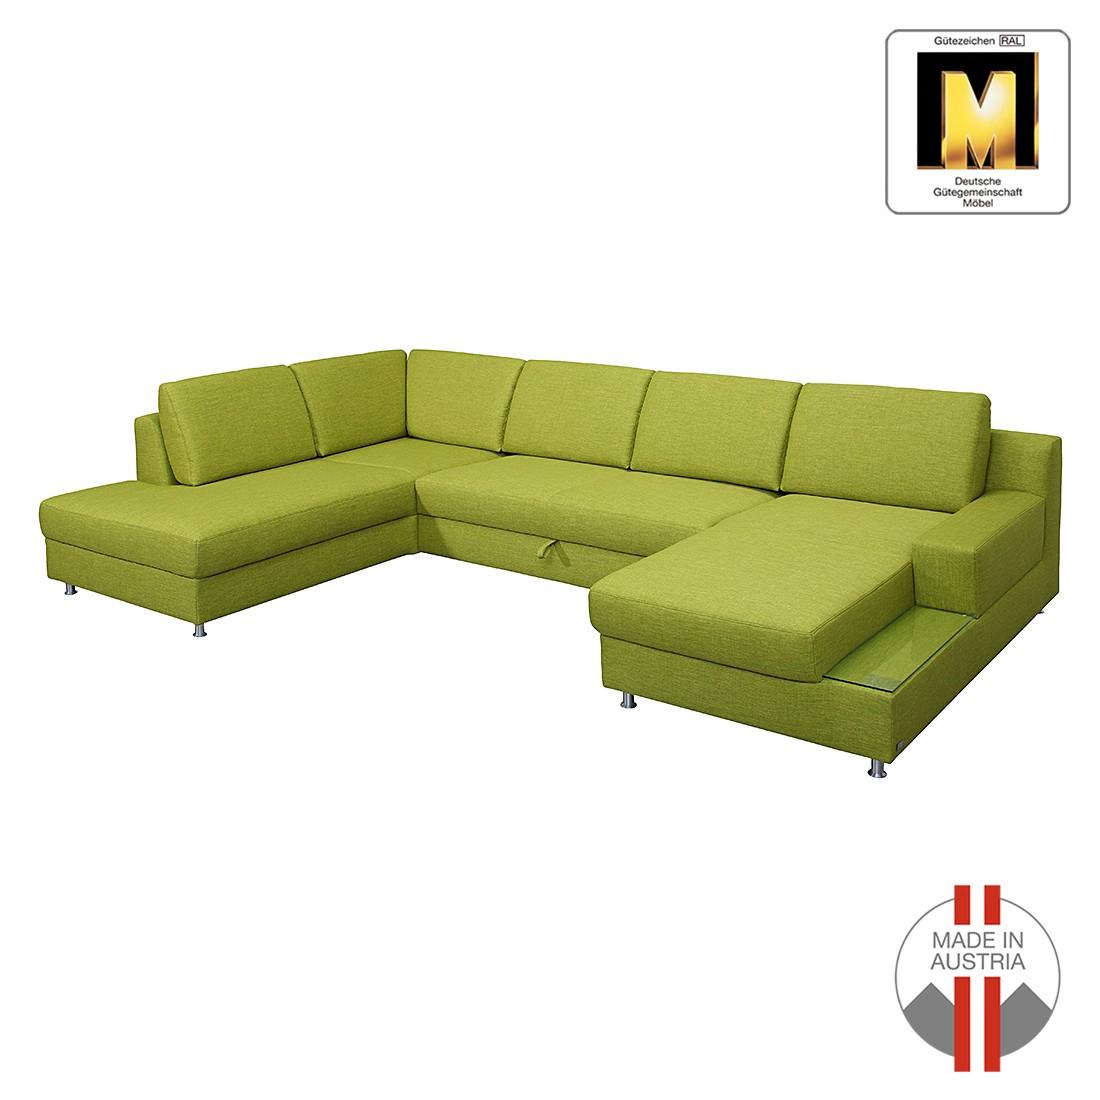 12 f r wohnlandschaft uwe mit schlaffunktion webstoff. Black Bedroom Furniture Sets. Home Design Ideas